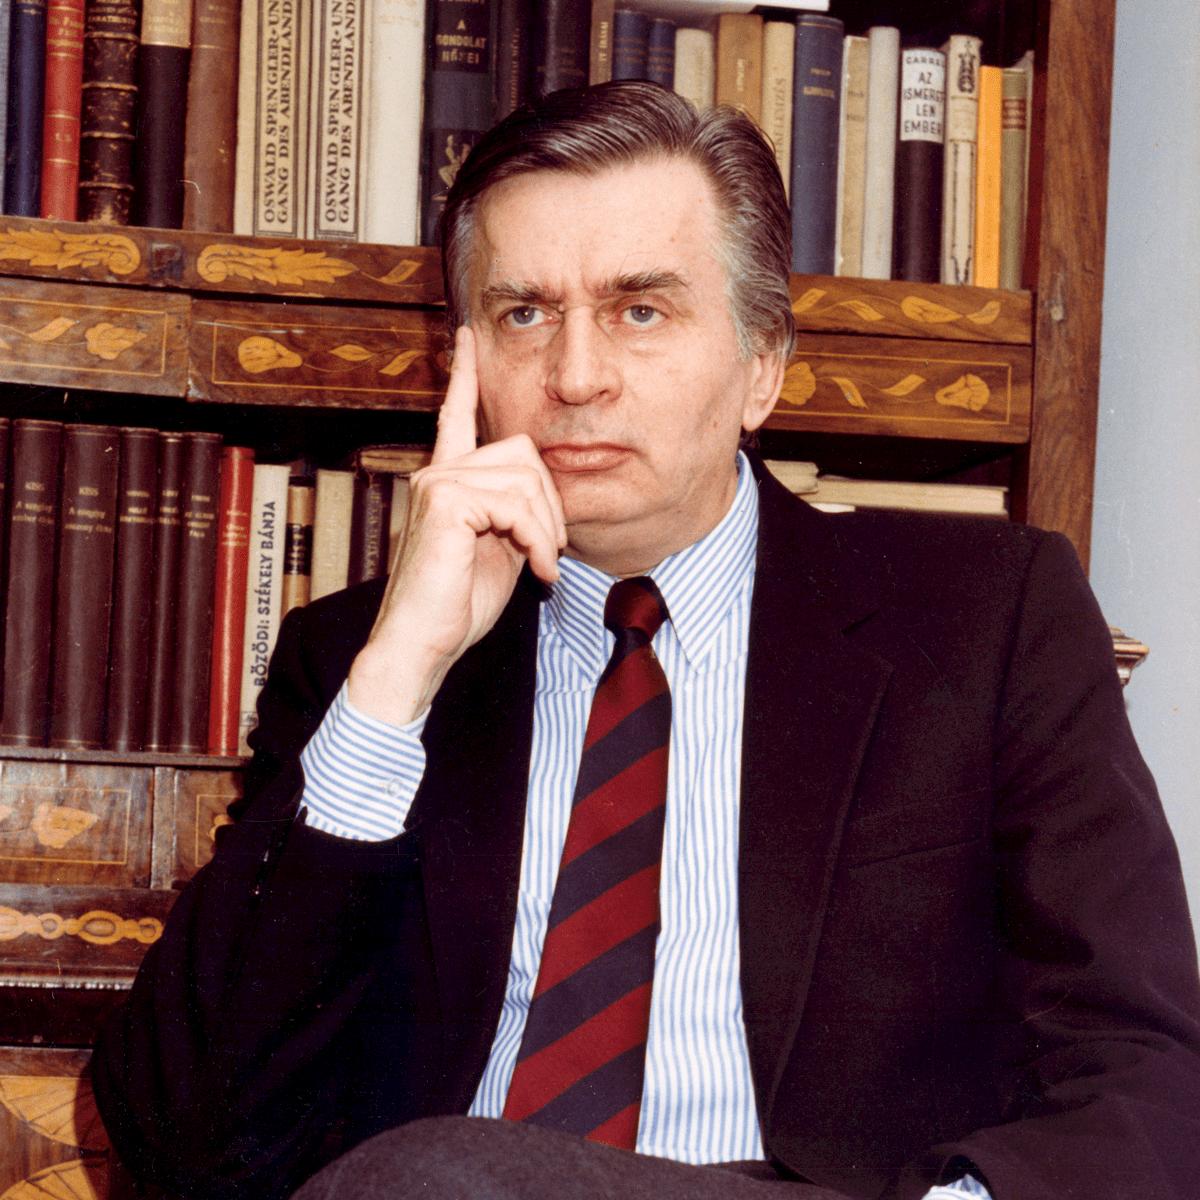 József Antall